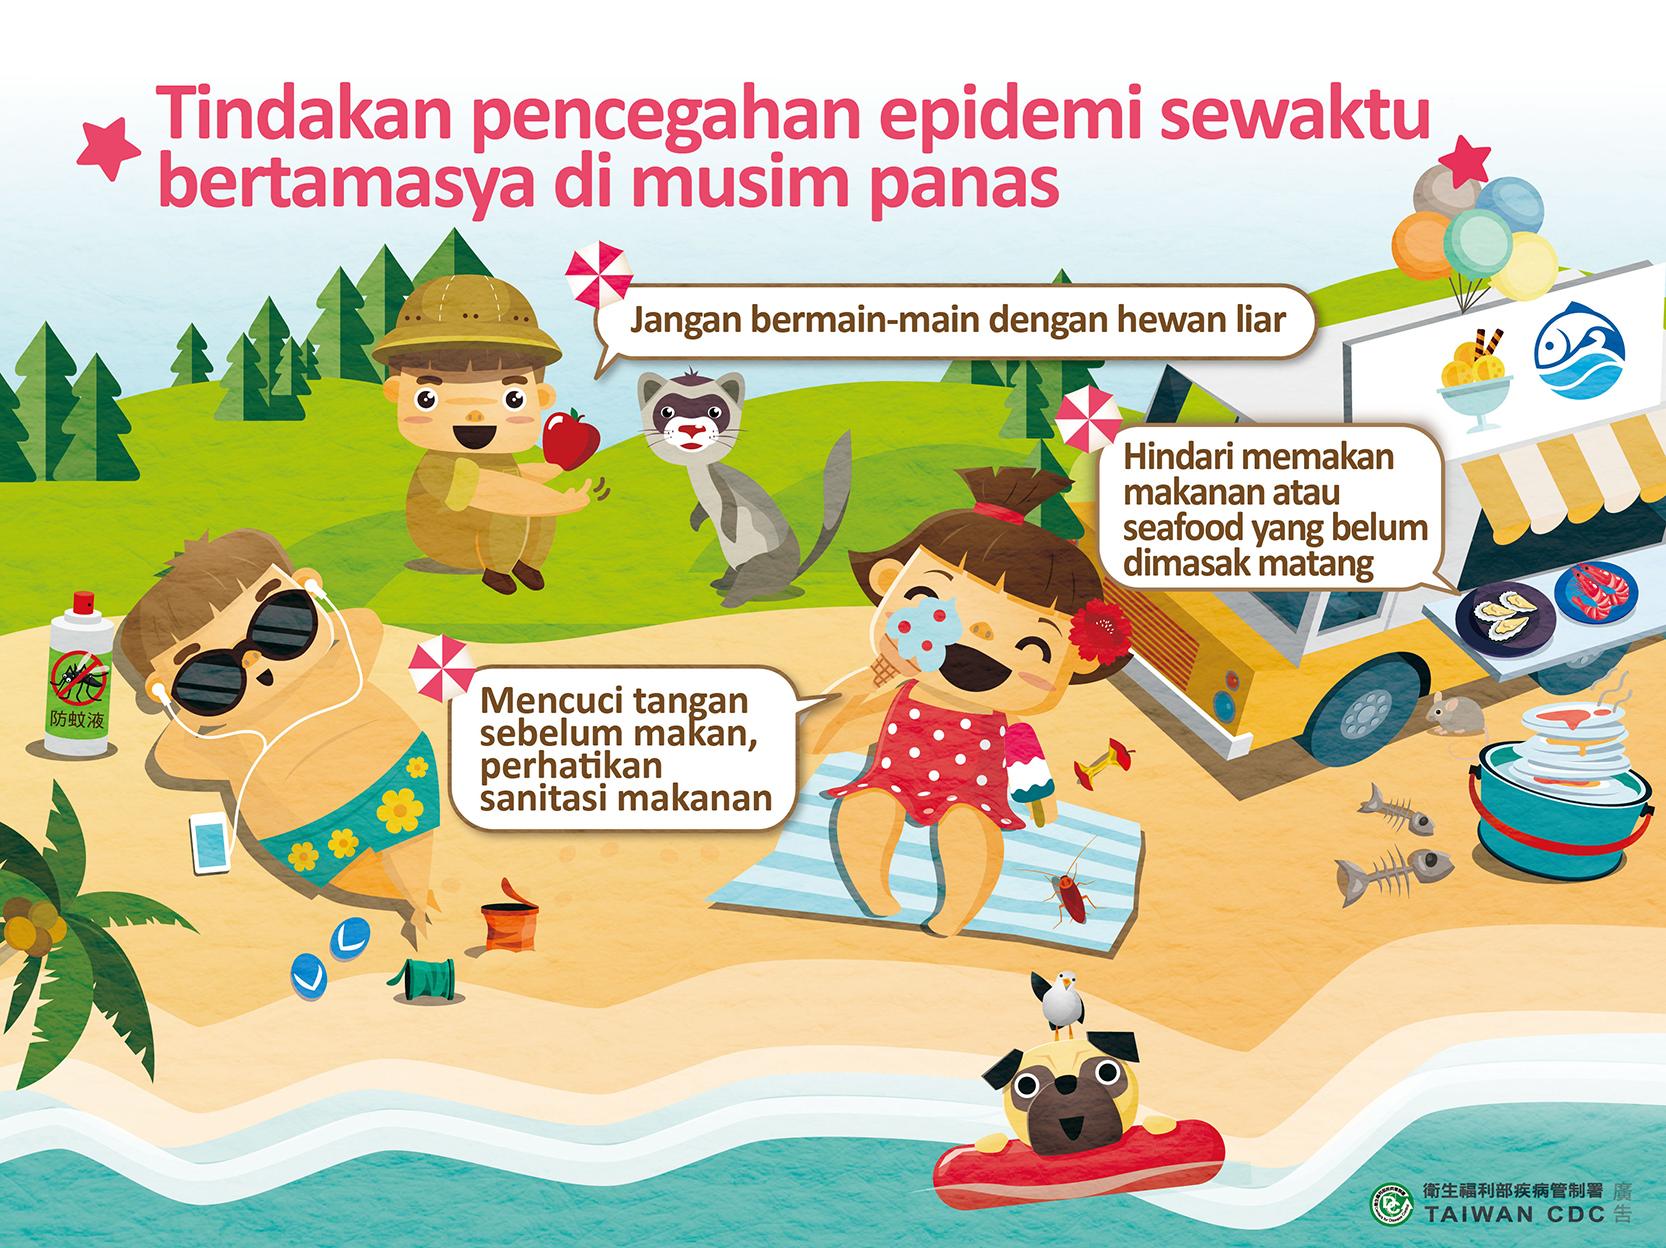 詳如附件【Klik】Tindakan pencegahan epidemi sewaktu bertamasya di musim panas夏日出遊預防病毒性腸胃炎(印尼文)